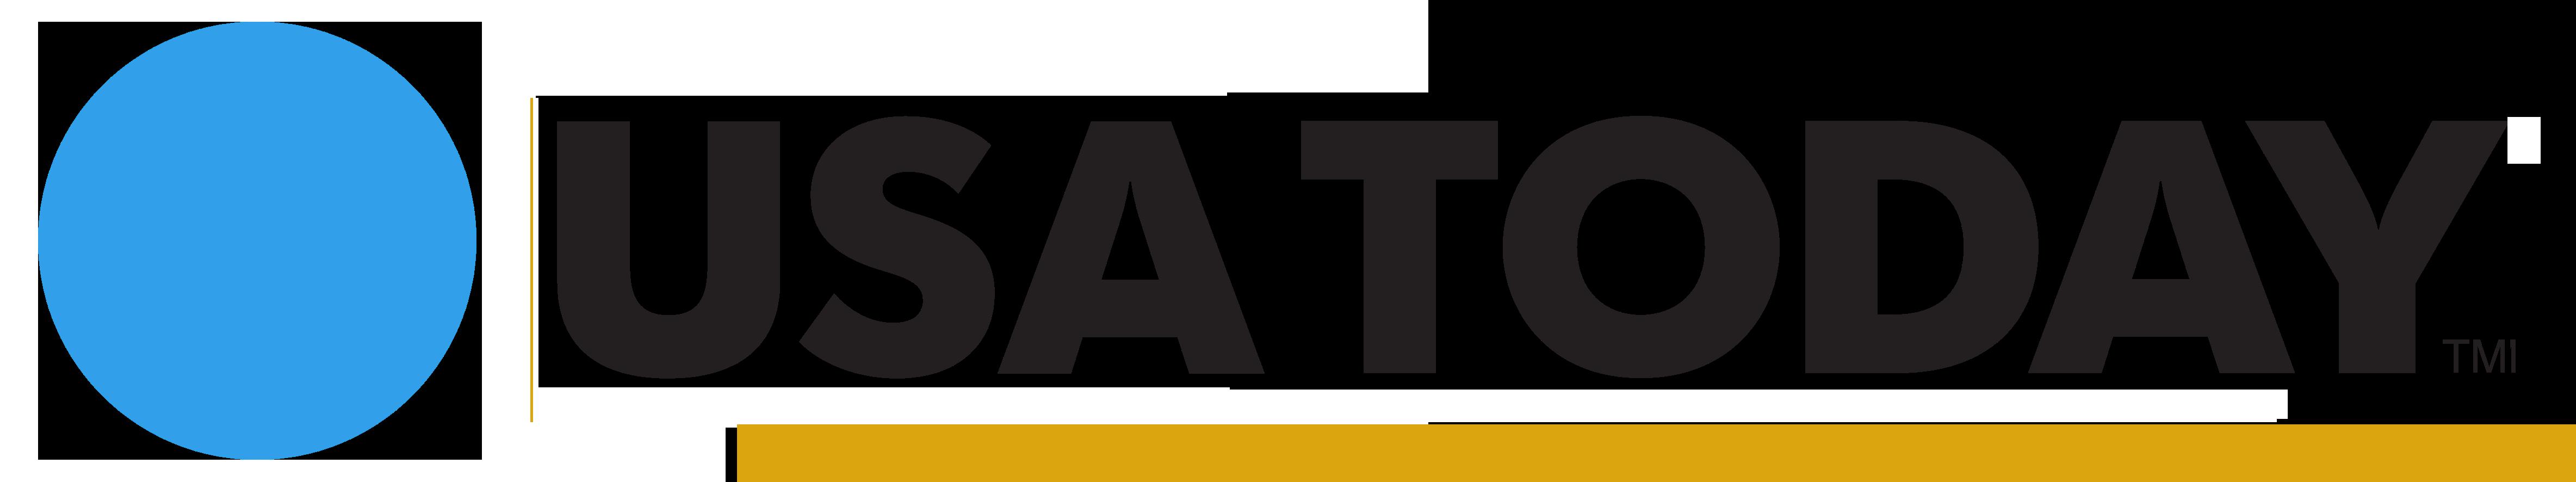 USA Today logo-1